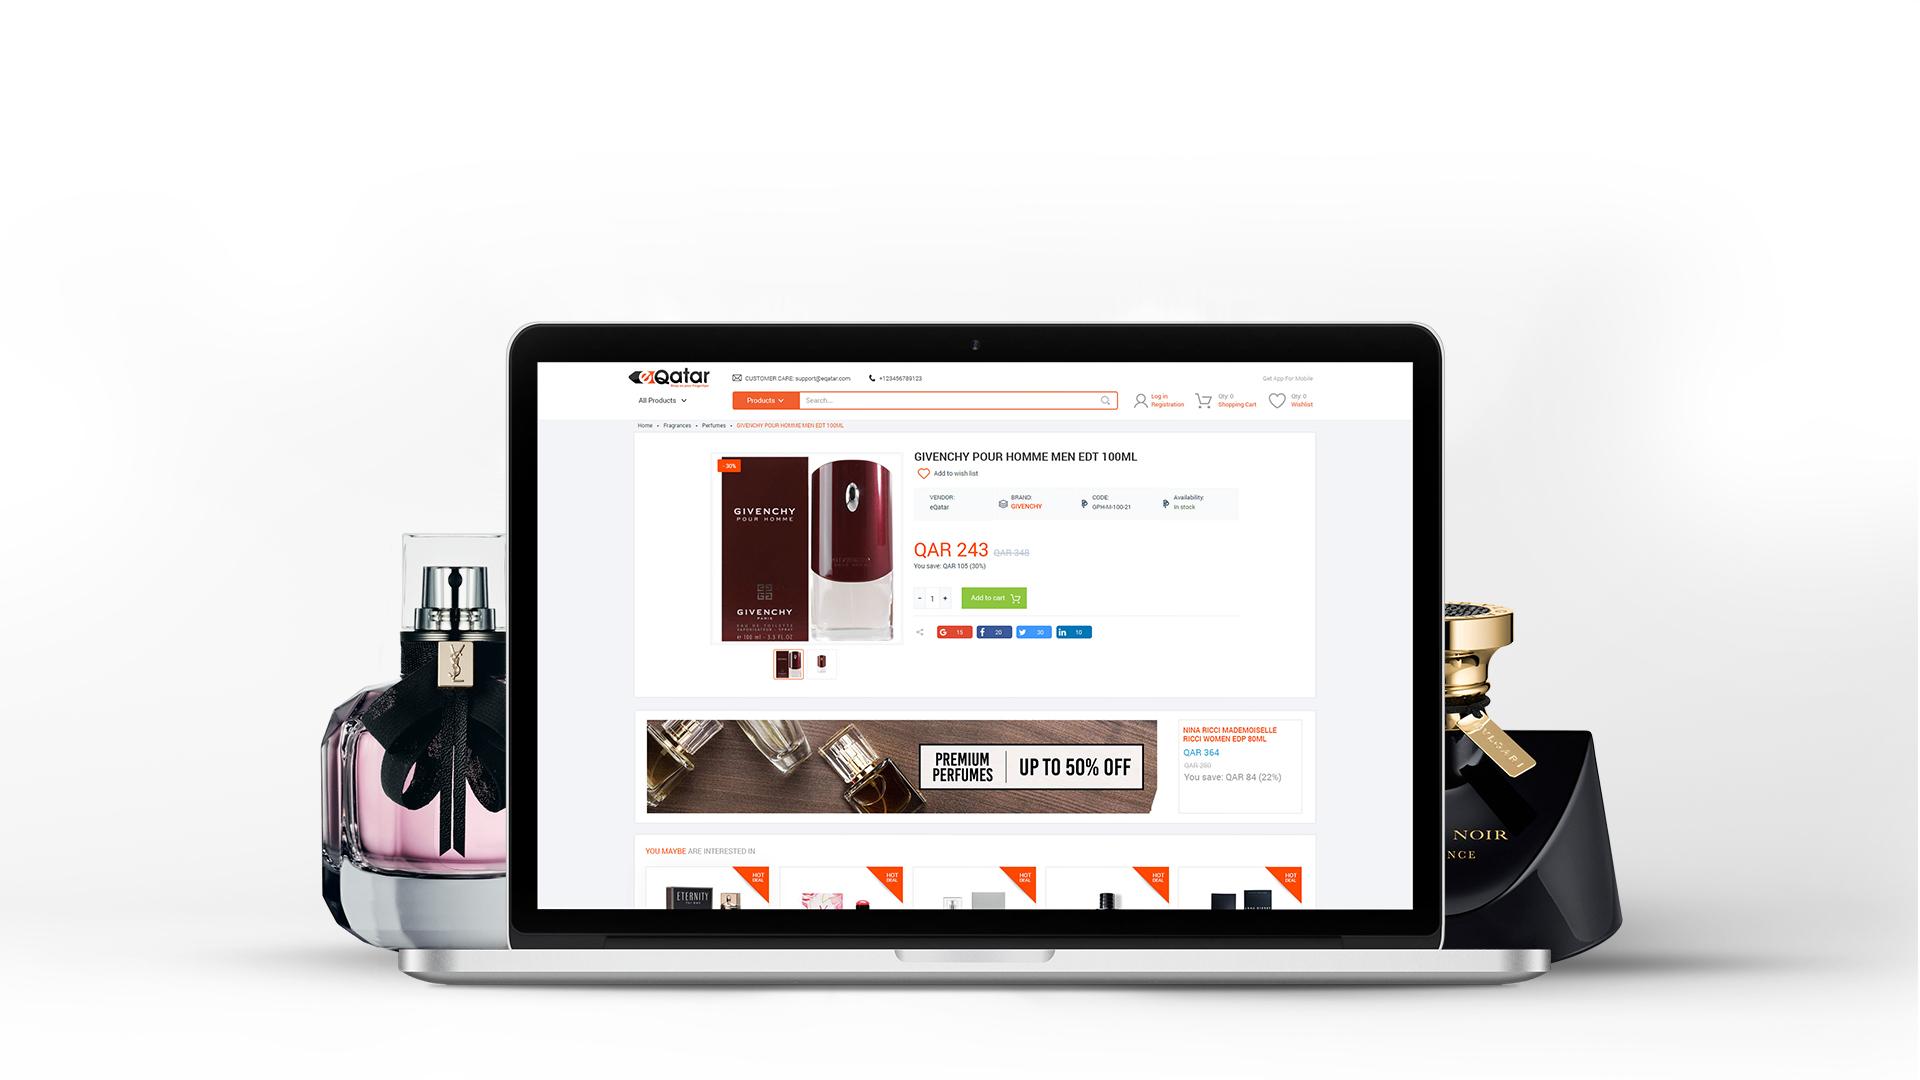 eqatar.com